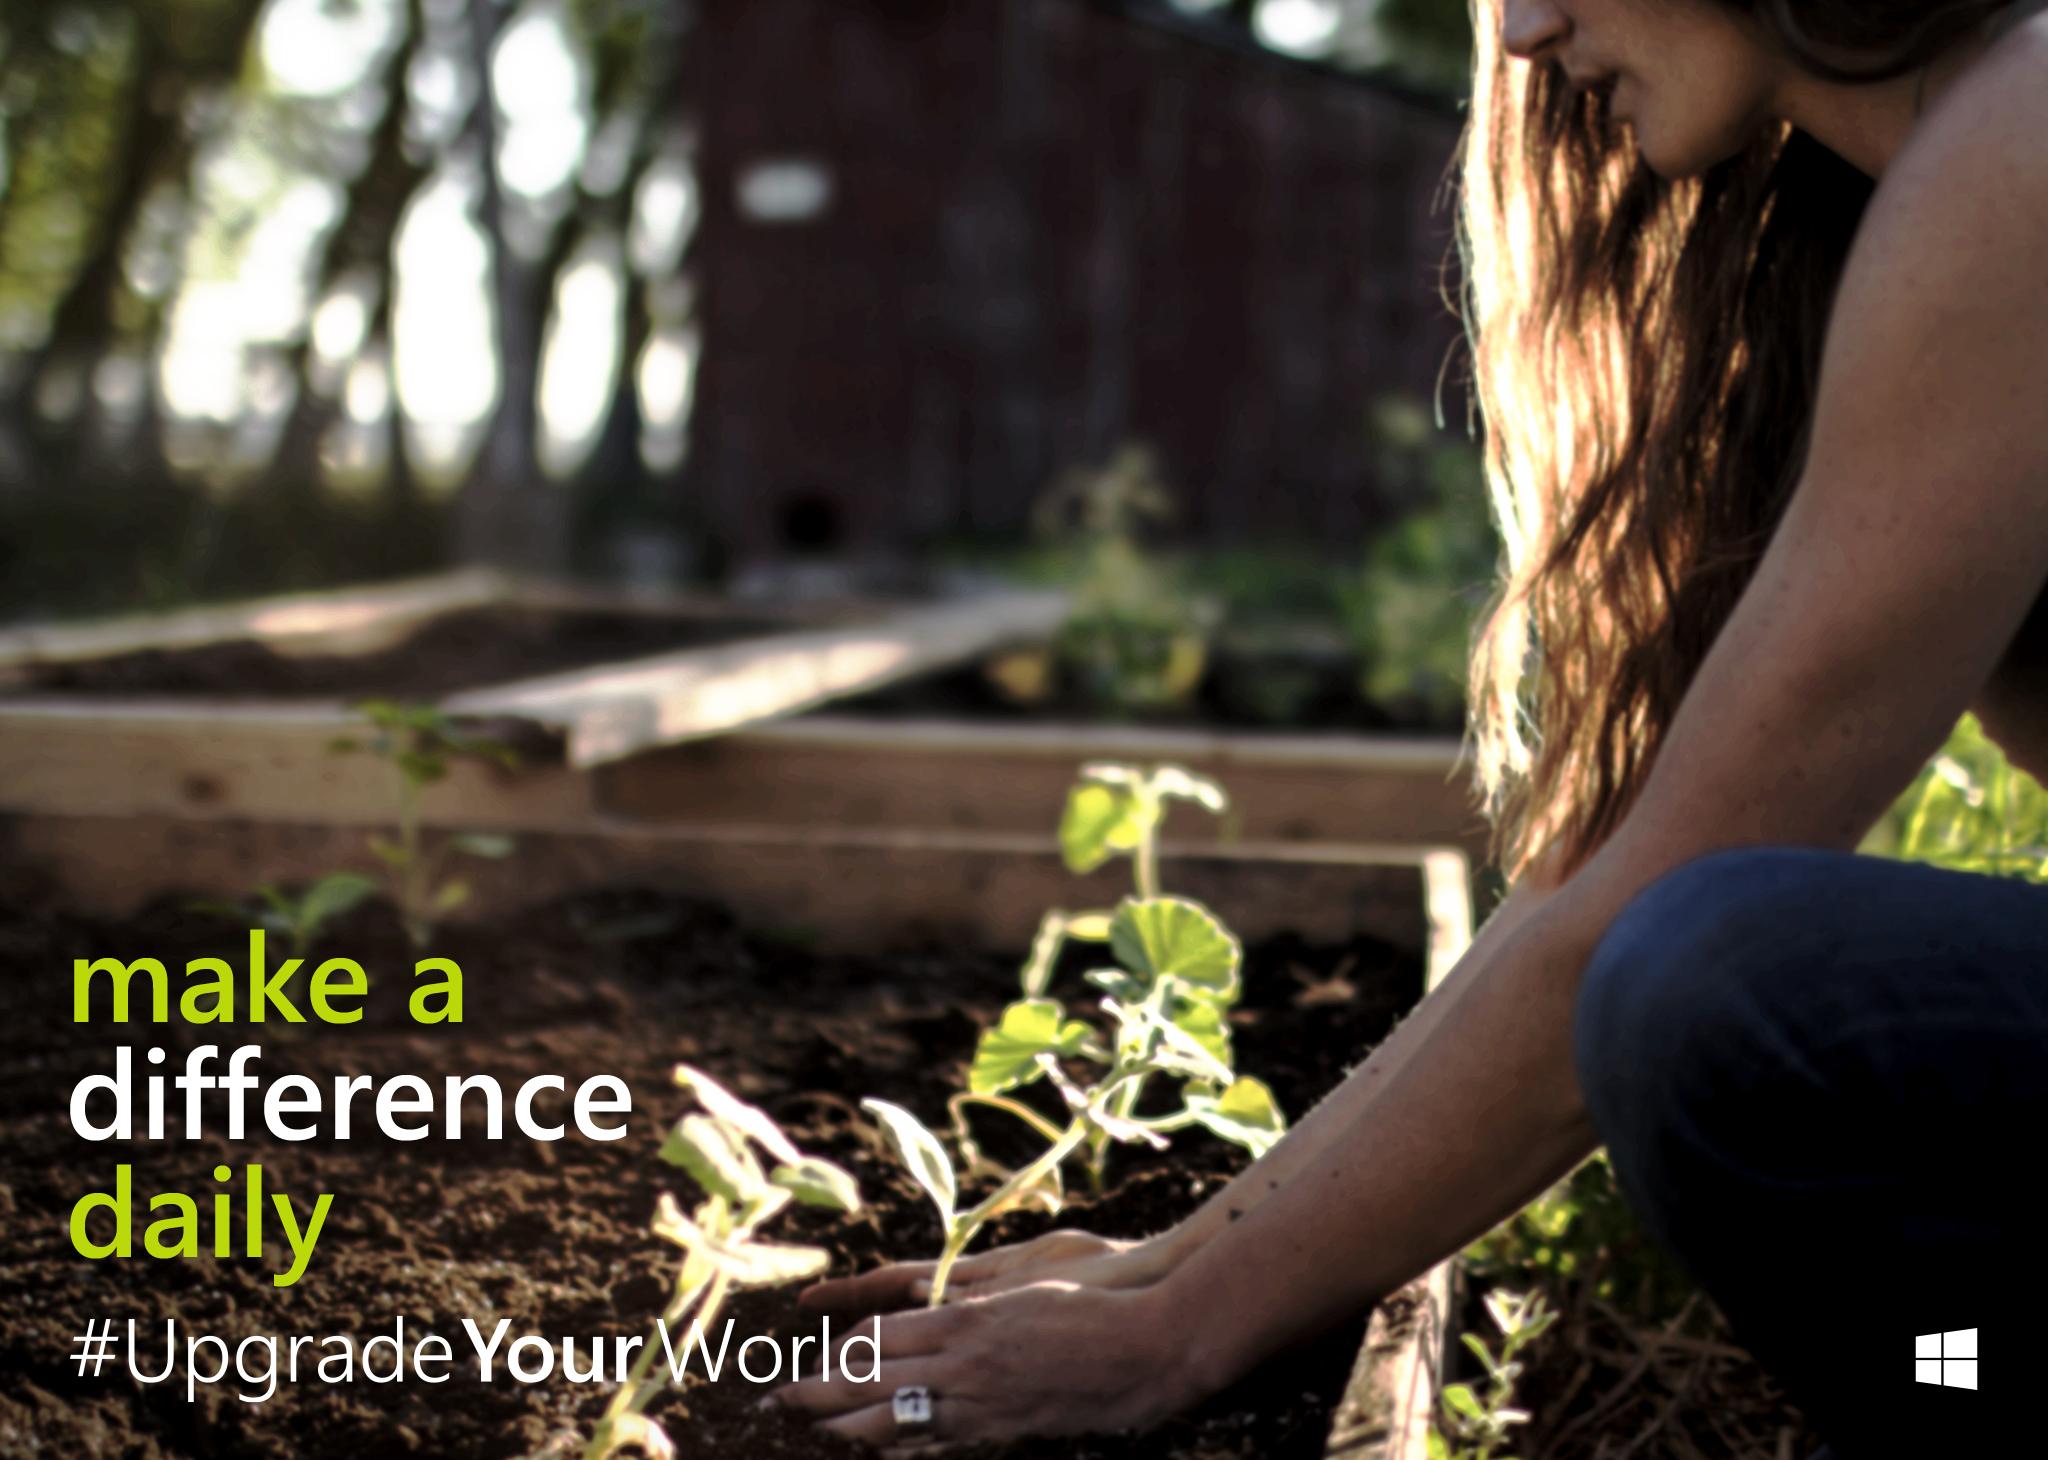 #UpgradeYourWorld : Quelle association soutenez-vous?